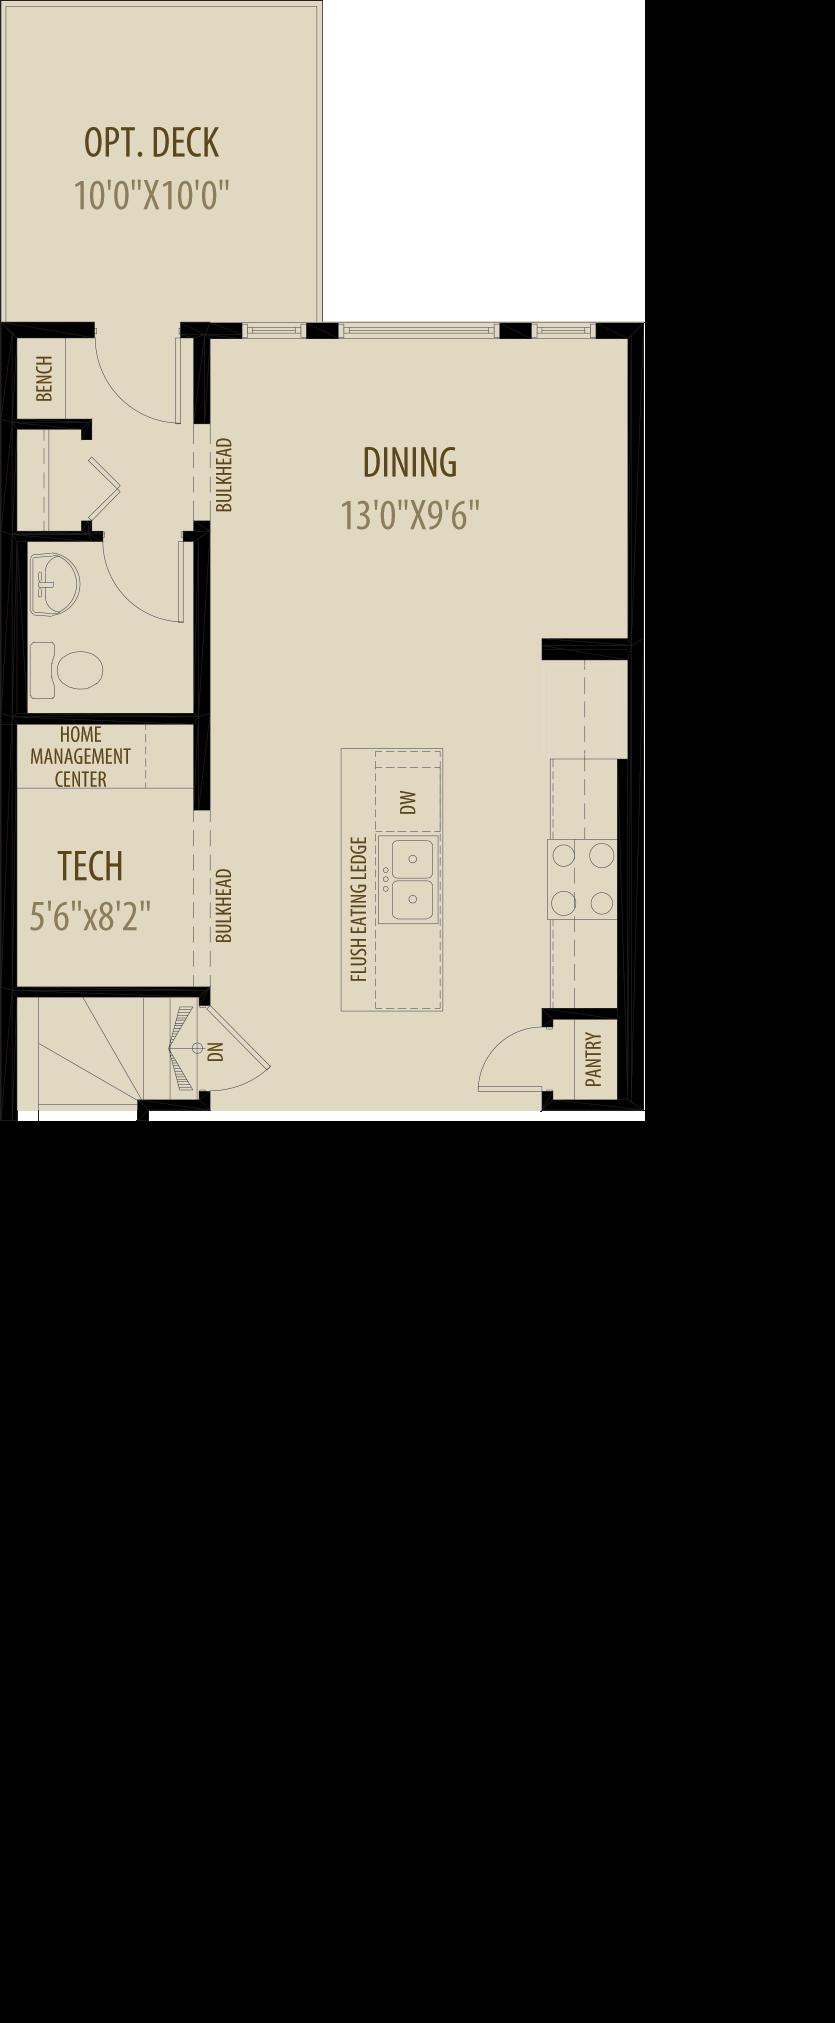 Tech Center Adds 42Sq Ft